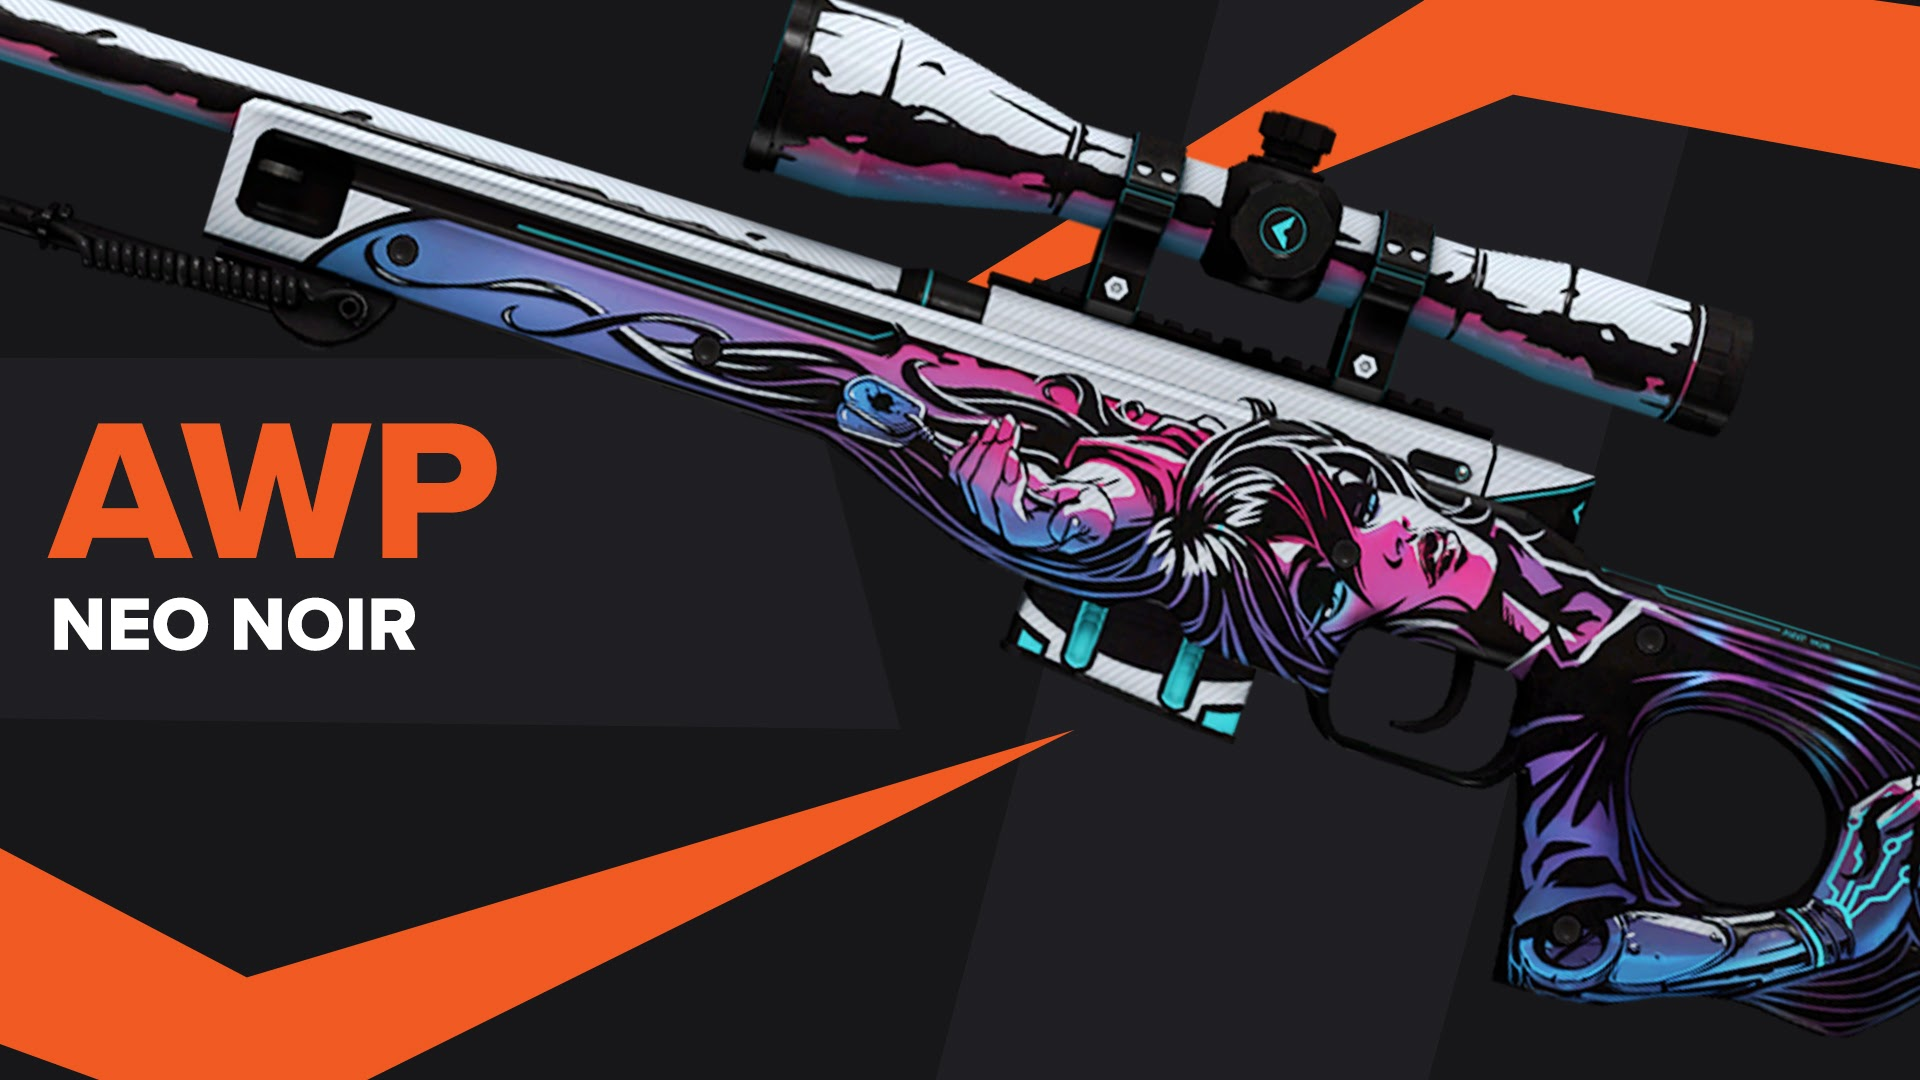 AWP Neo Noir CSGO Skin